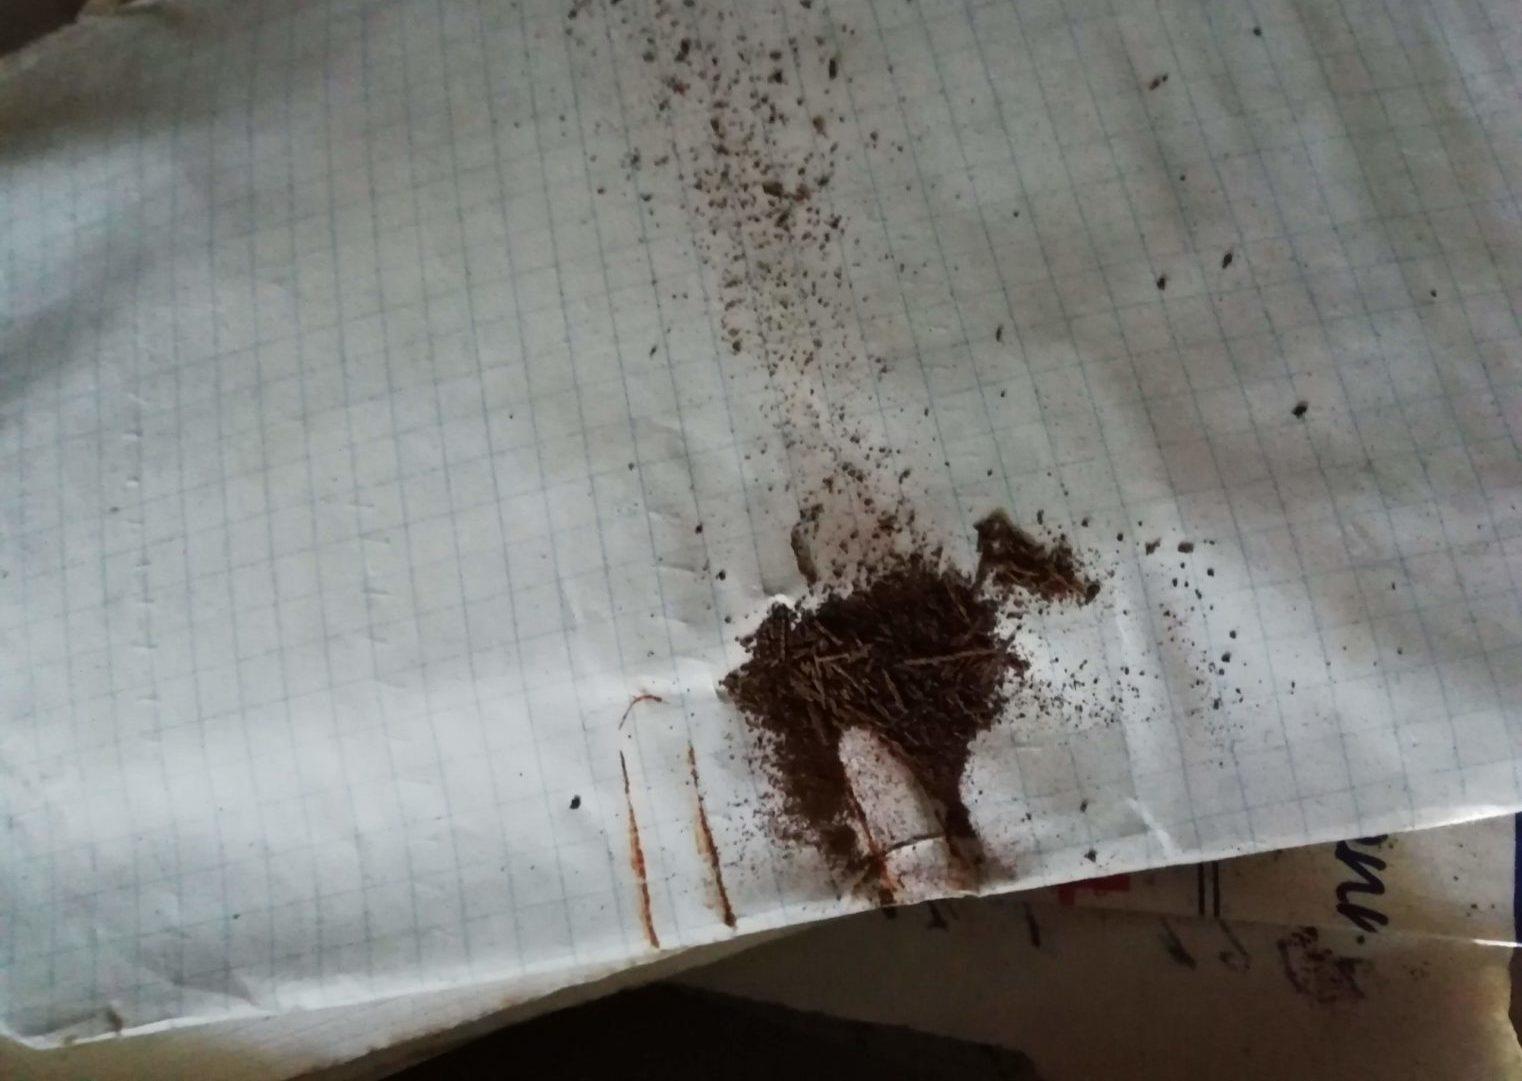 Désagrégation d'un trombe en métal rouillé